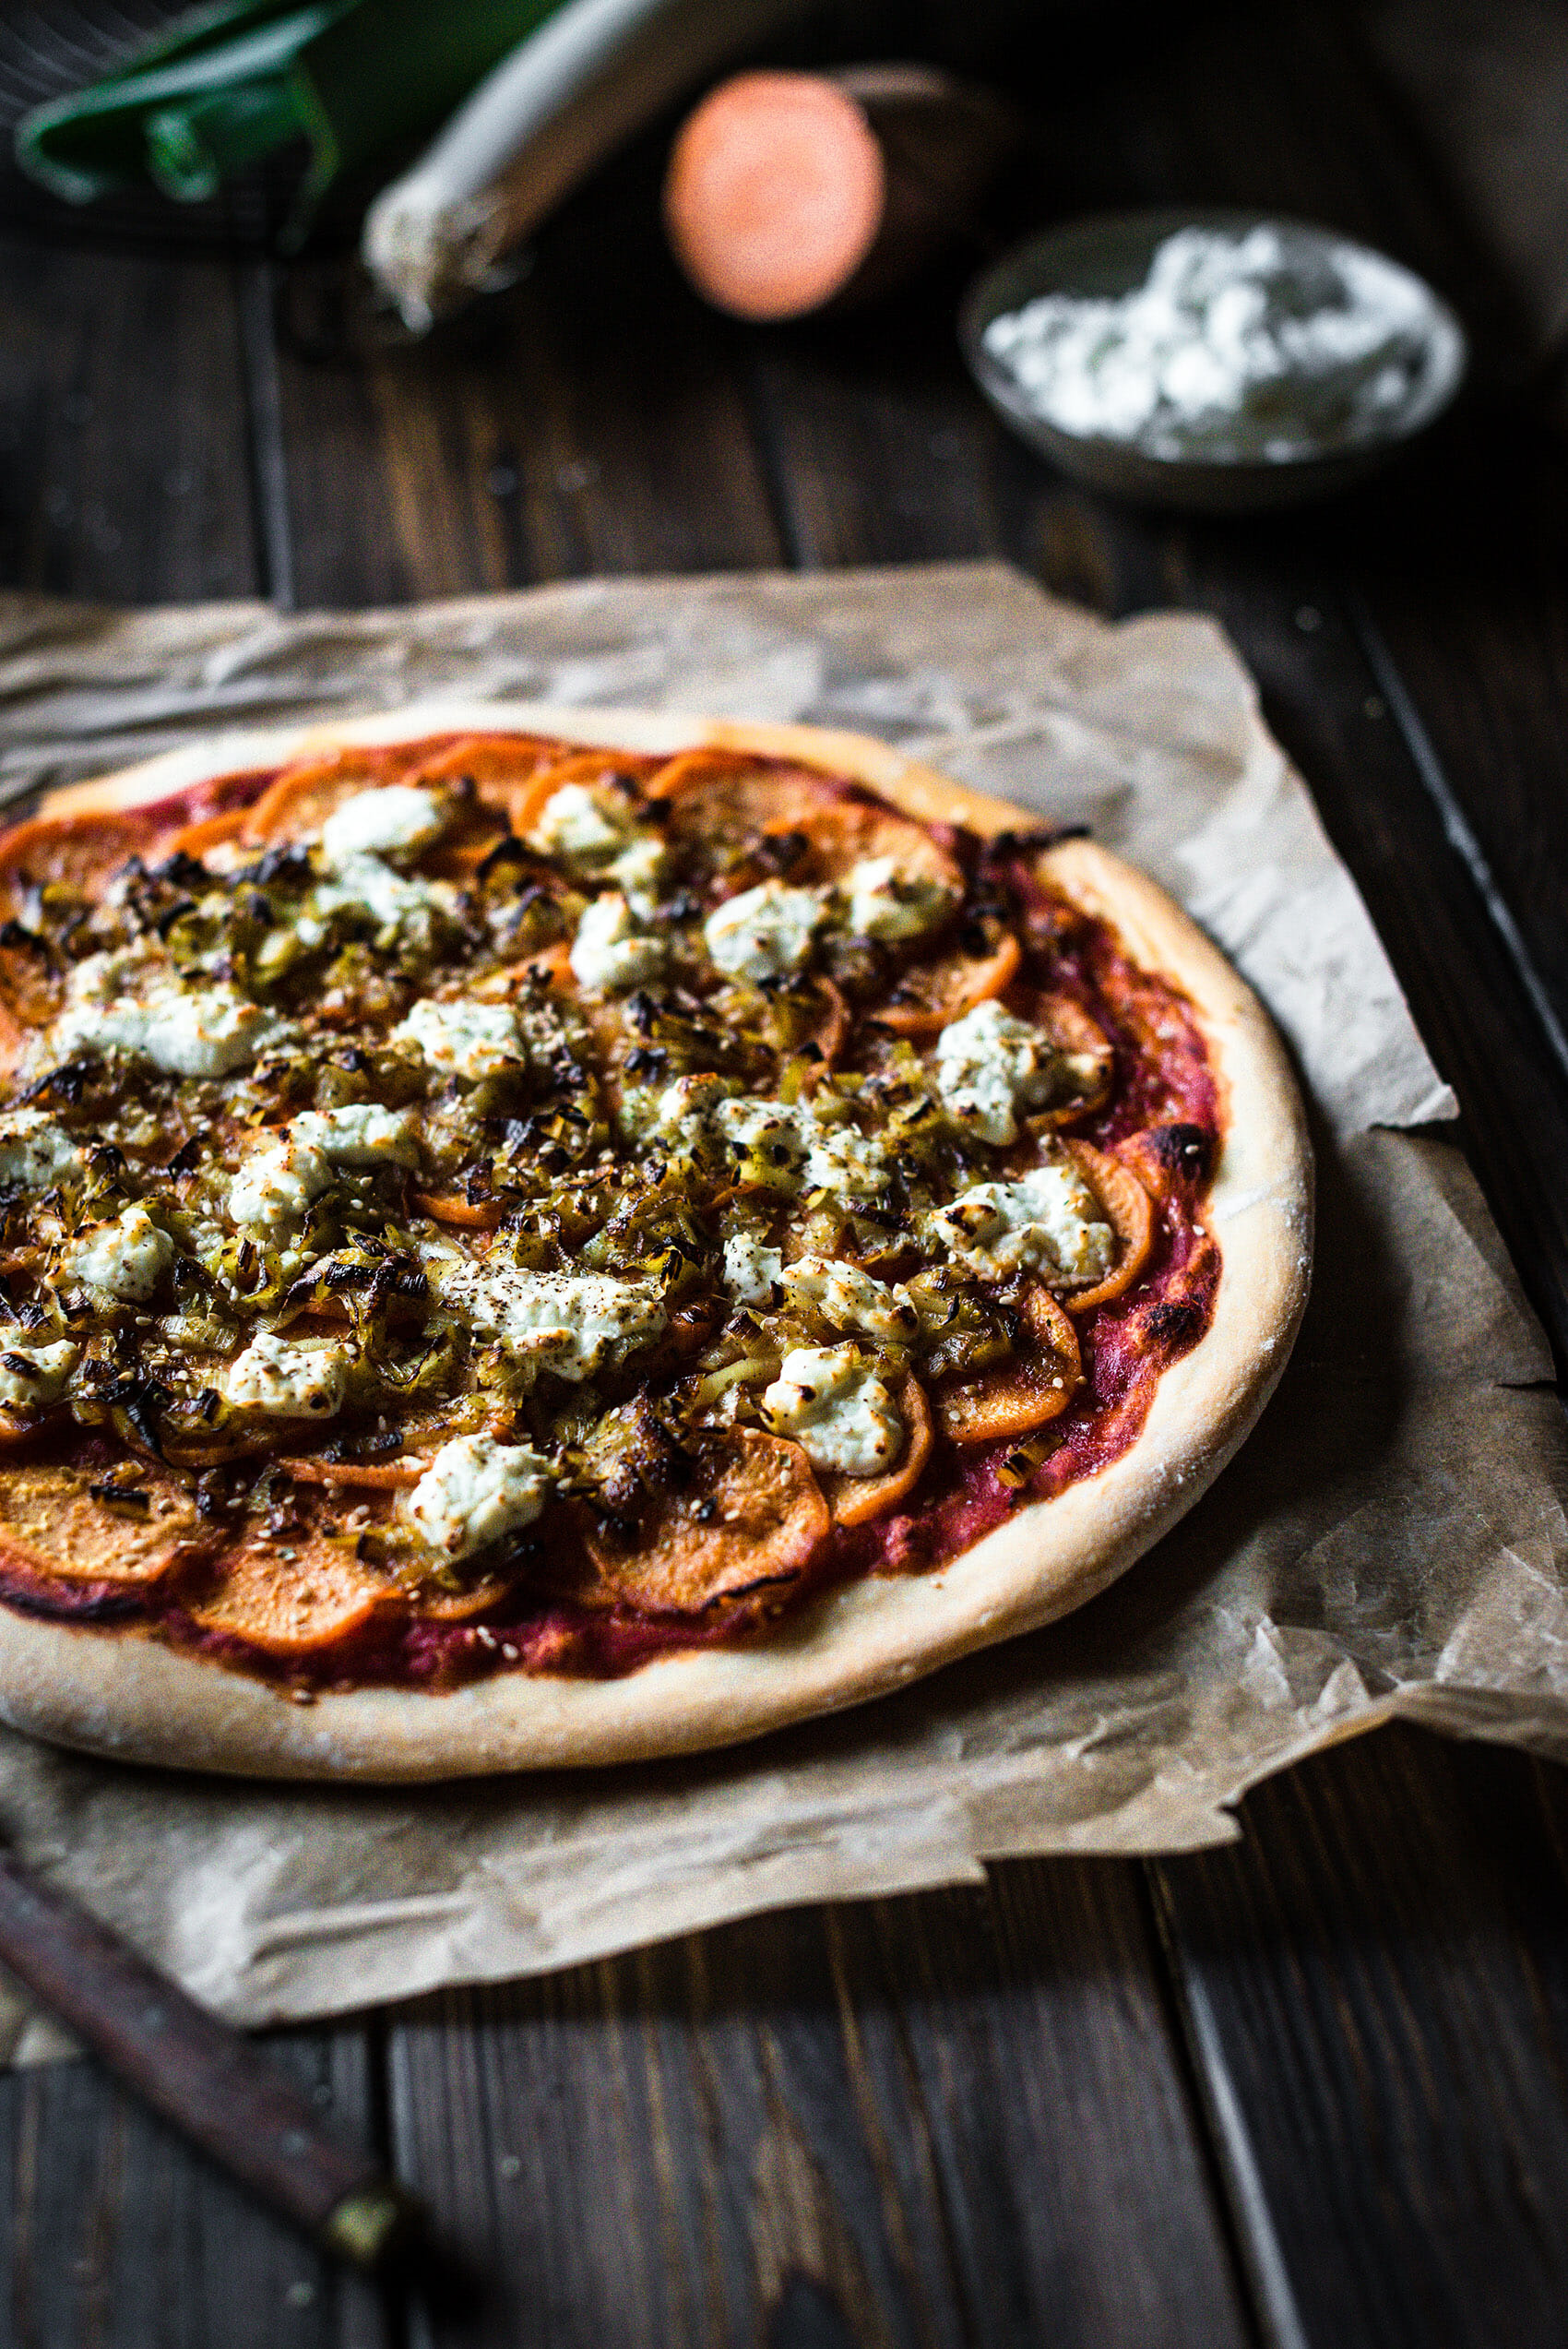 Pizza patate douce poireaux chèvre frais - Lilie Bakery